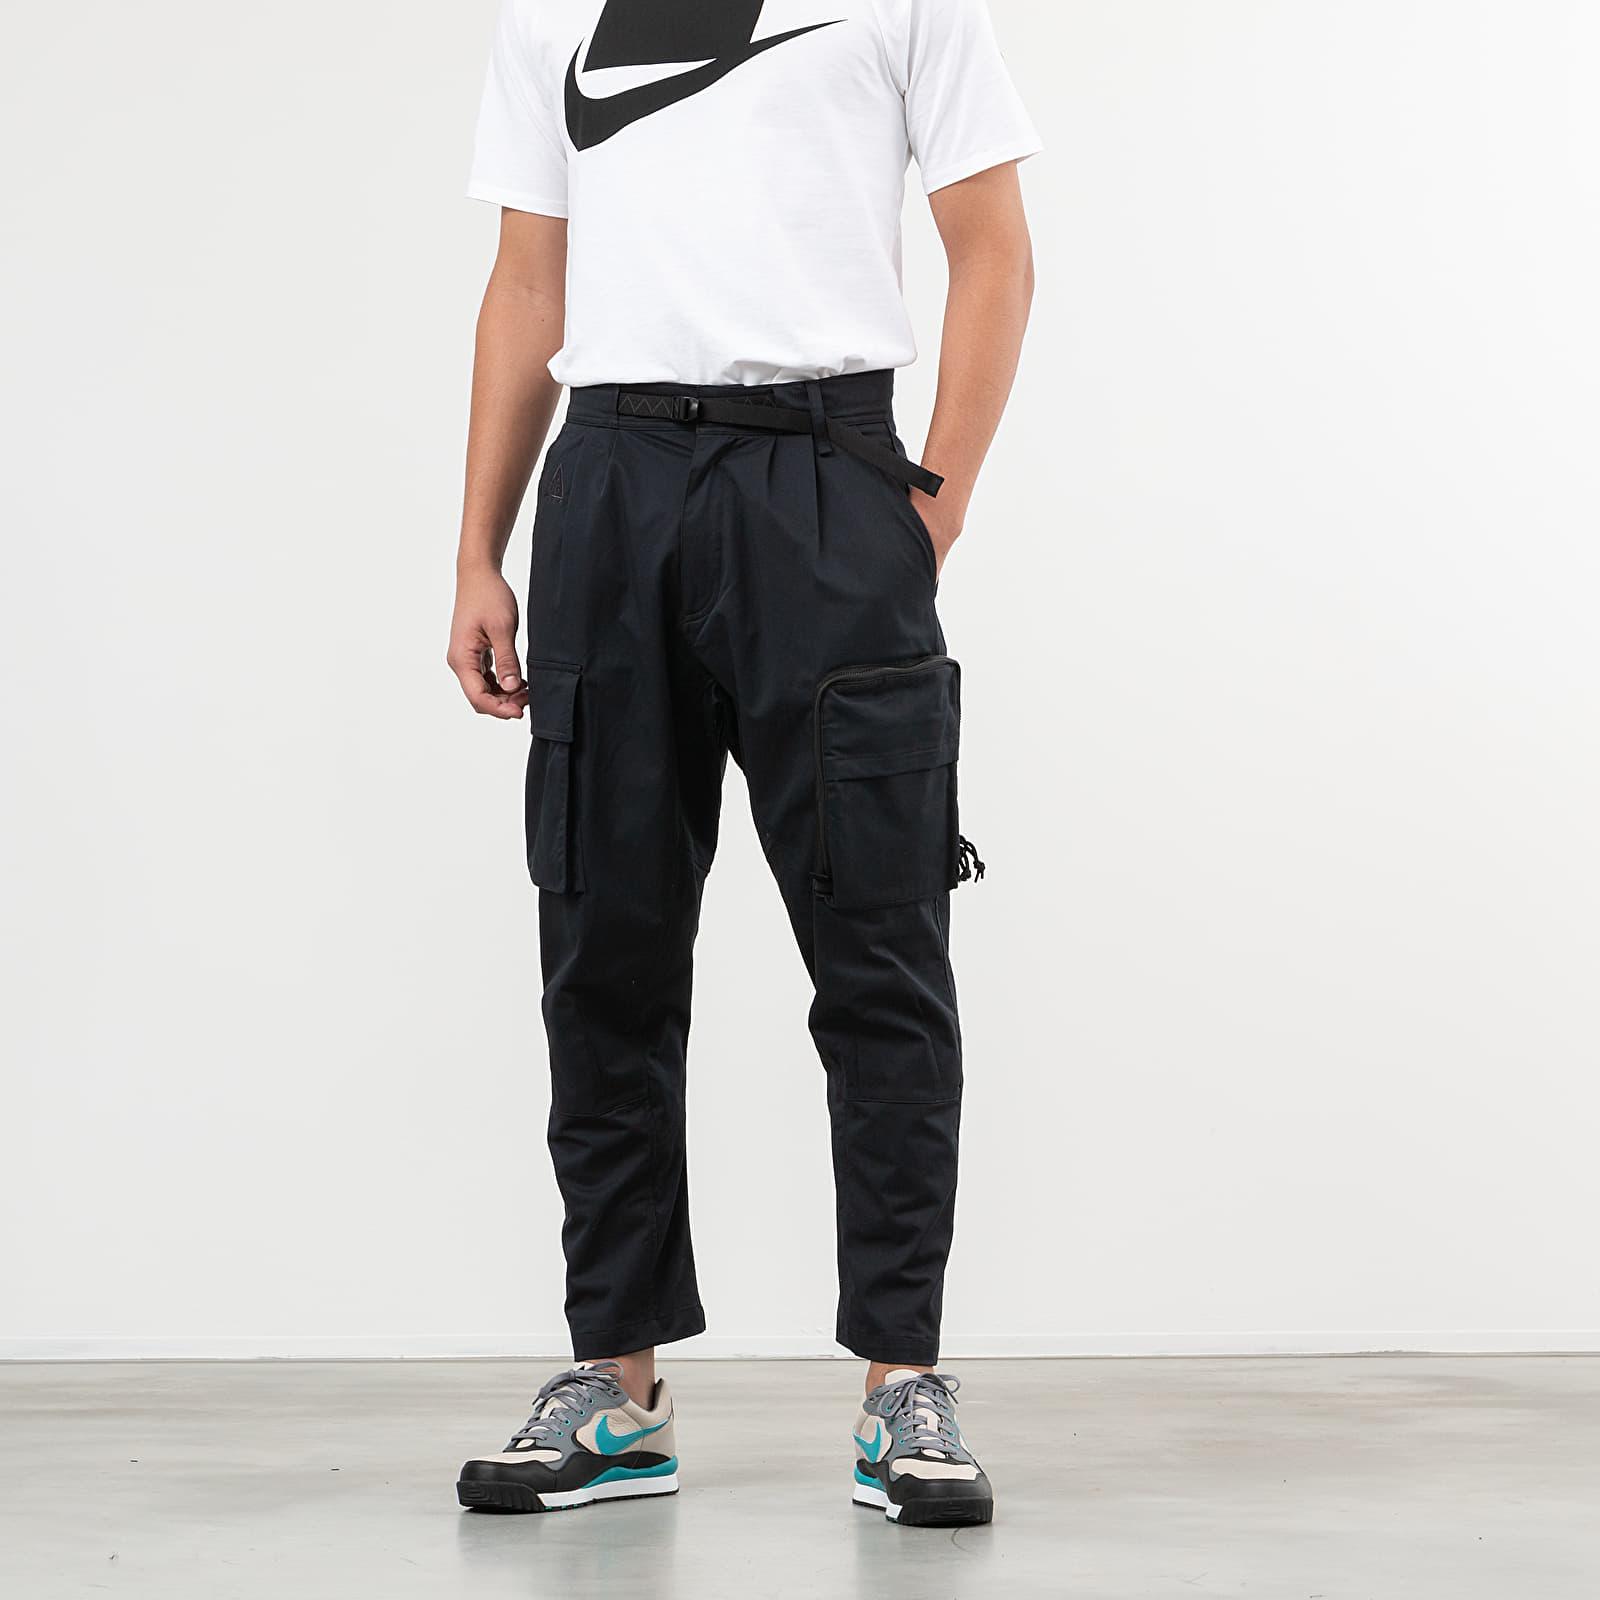 Nike NRG ACG Woven Cargo Pants